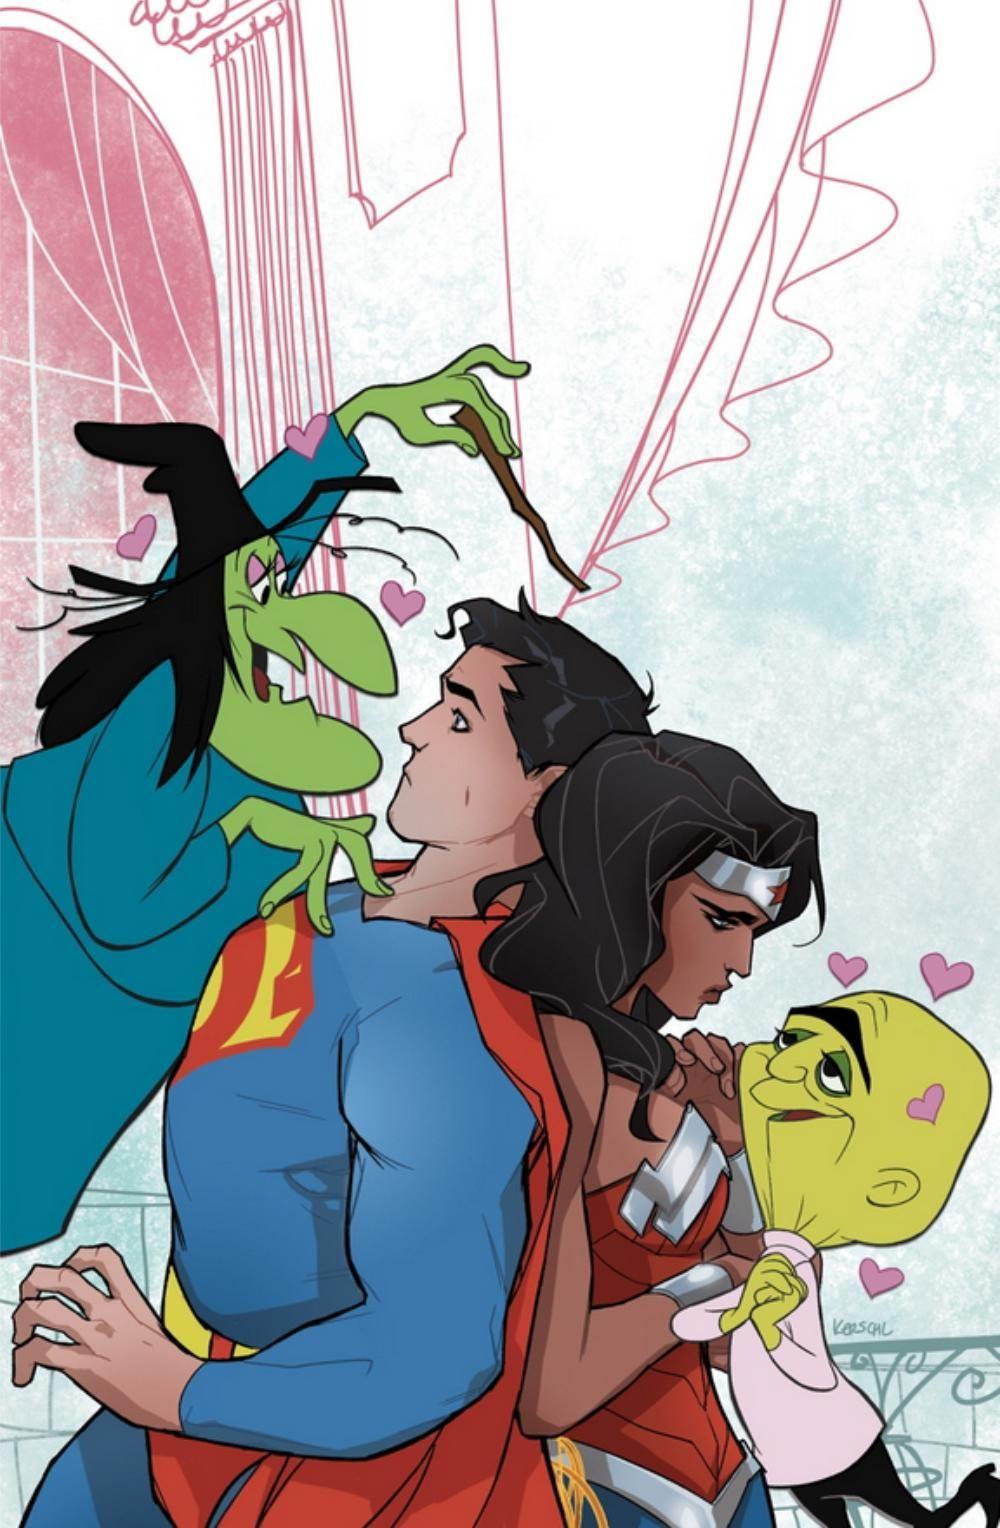 DC Comics revela capas variantes com os personagens da Looney Tunes! - Legião dos Heróis